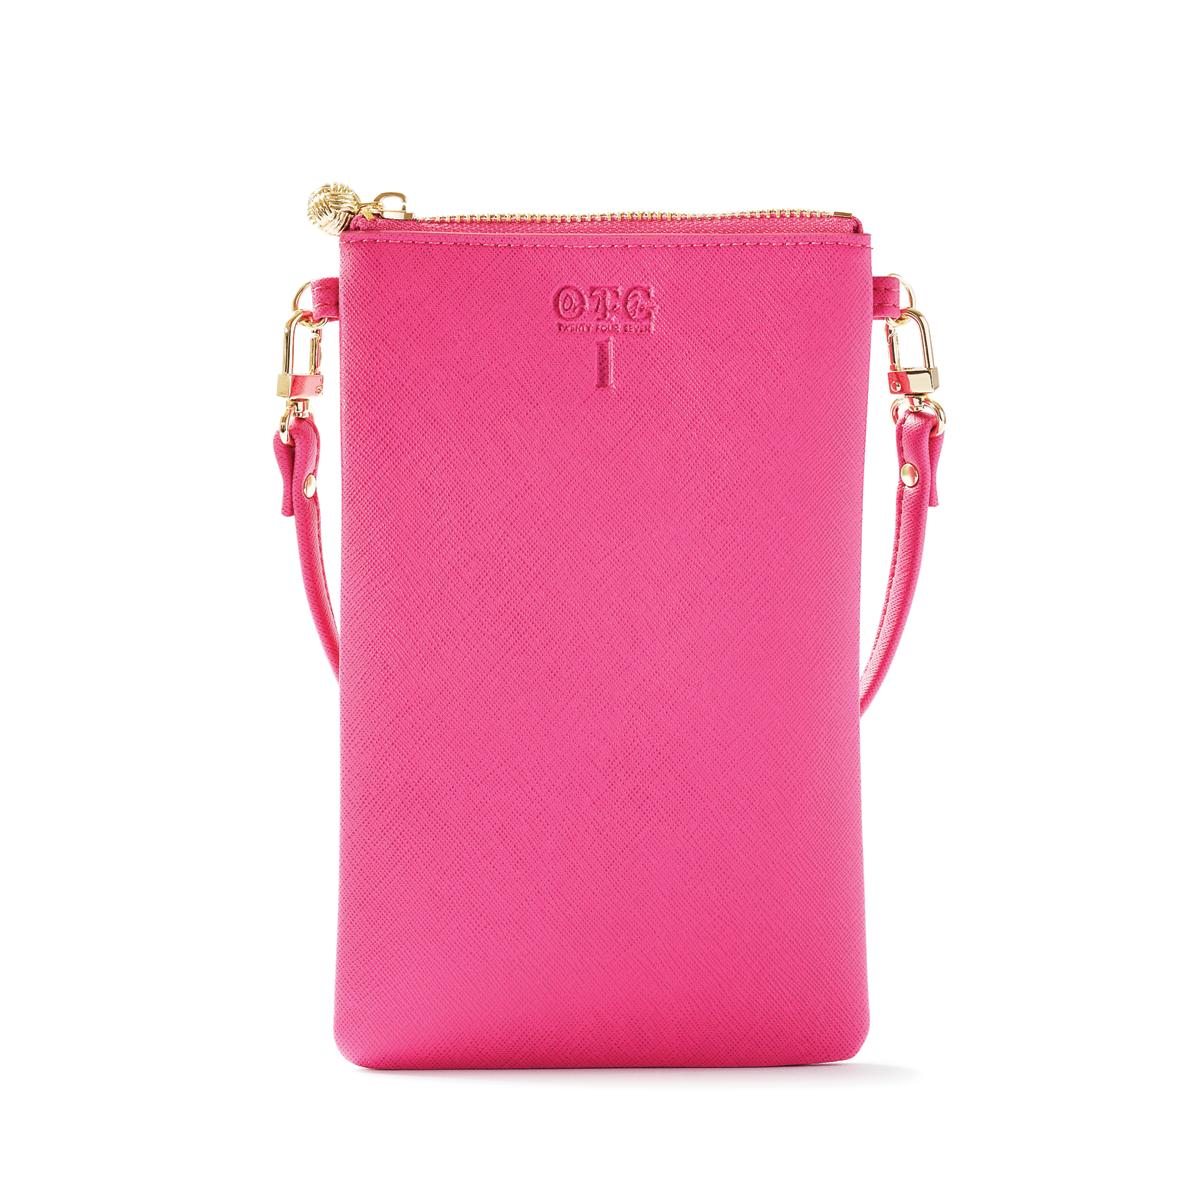 OTG247 Bag #1 Solid